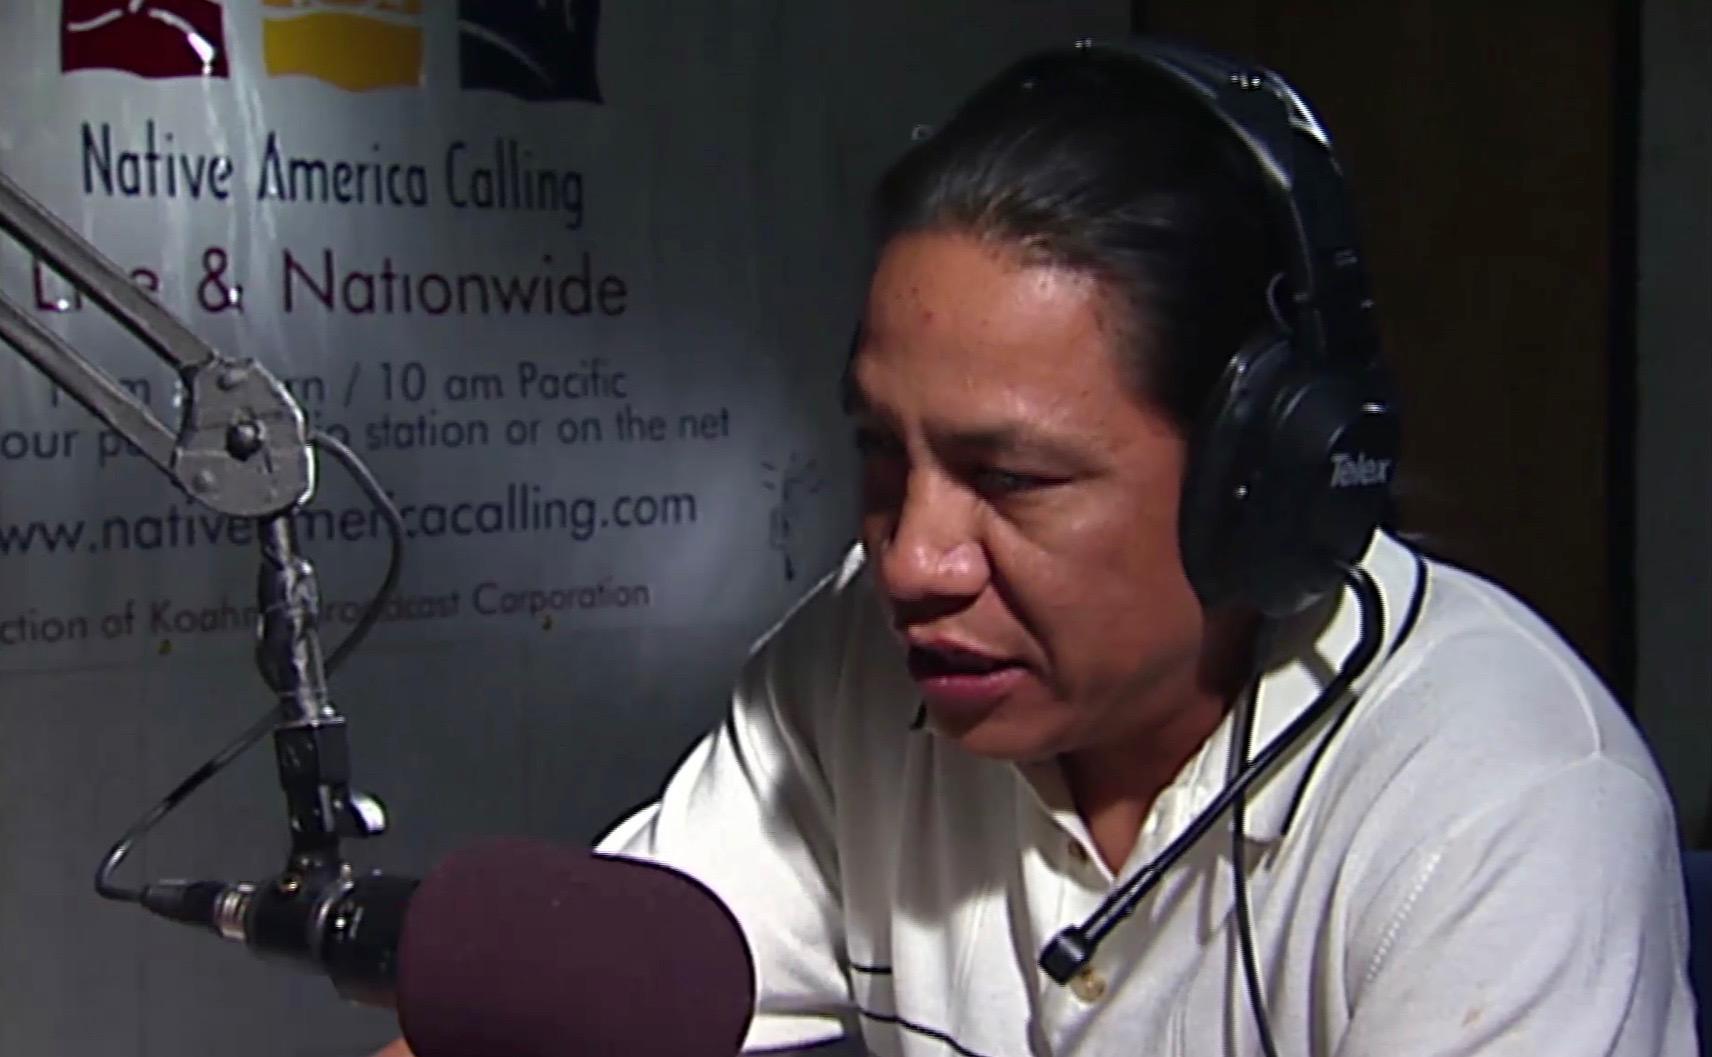 Native America Calling.